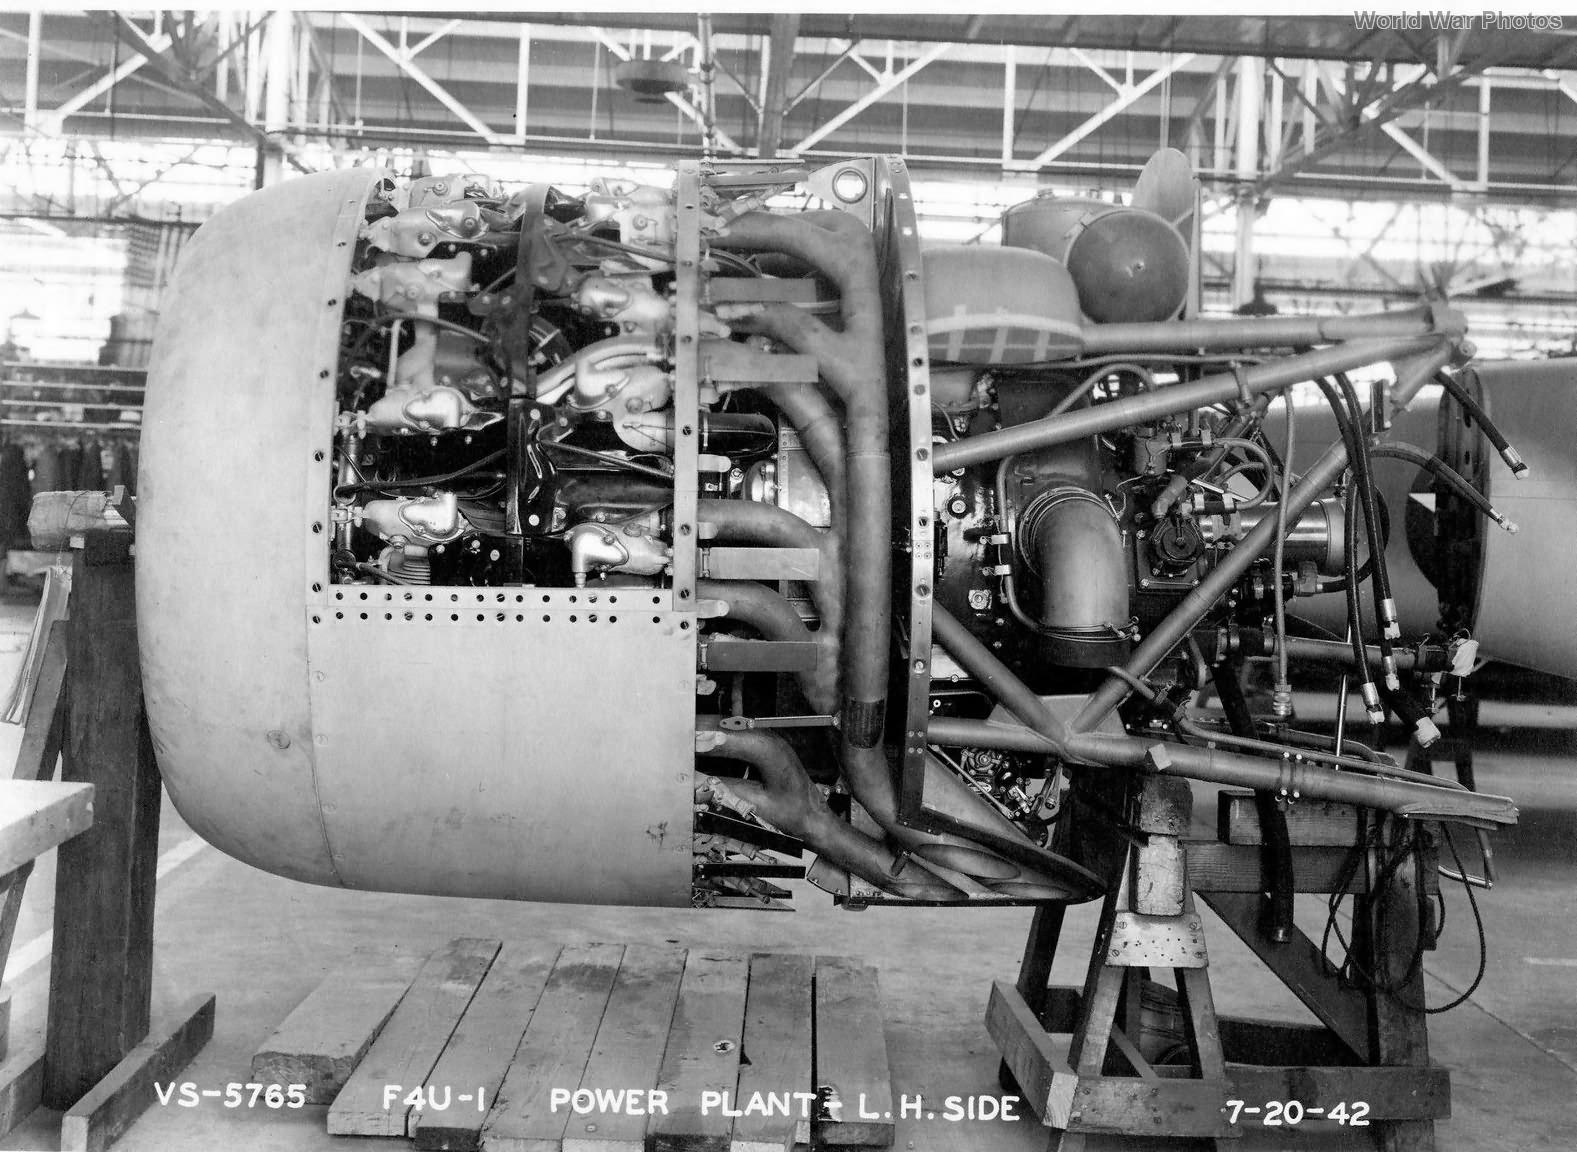 F4U-1 engine 1942